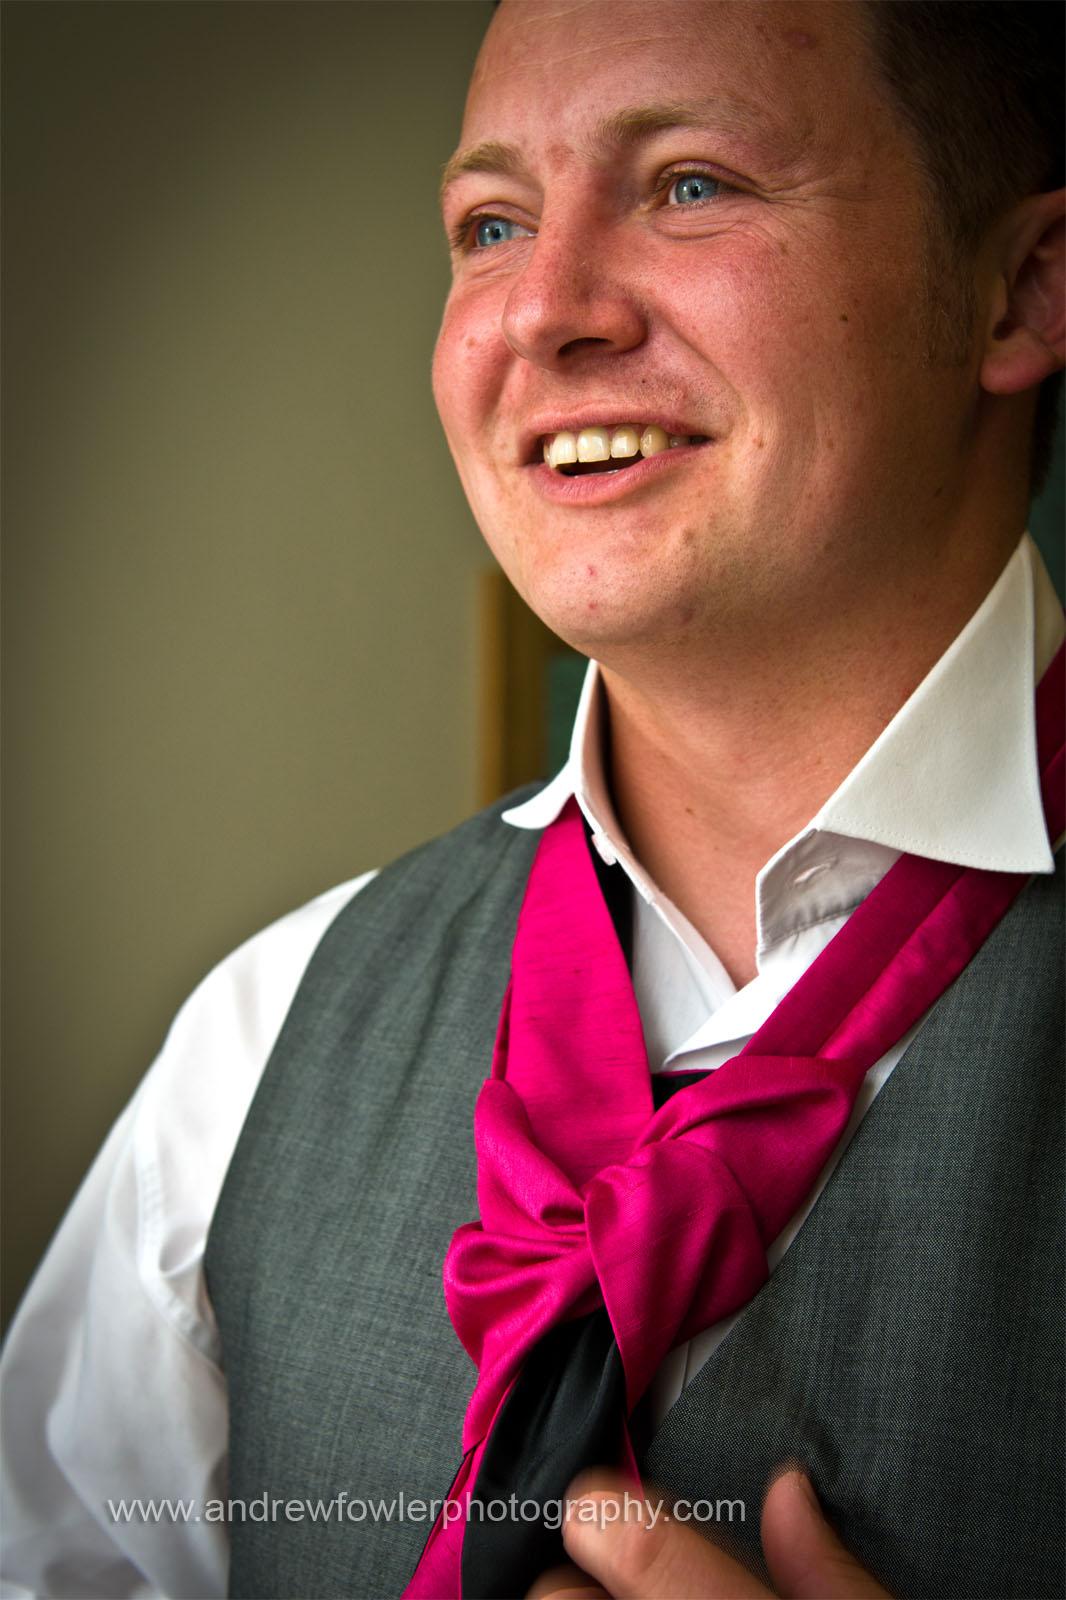 http://1.bp.blogspot.com/-Q2og-2dFDf4/TdrRpI4QrWI/AAAAAAAABHs/5yyO3IjSklc/s1600/Bridge_Inn_Wedding_03.jpg